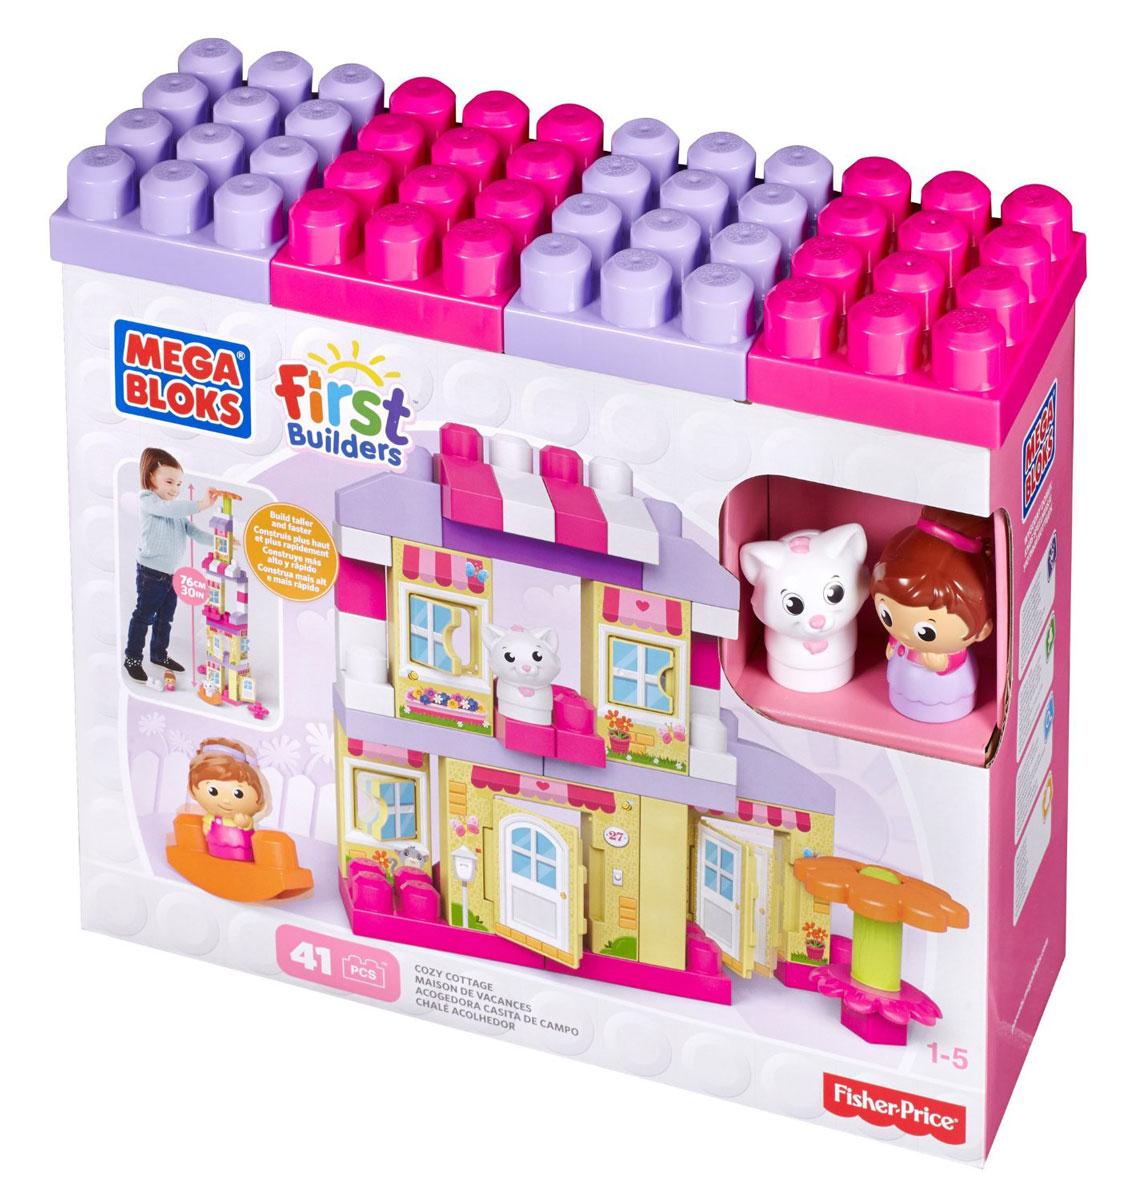 Mega Bloks First Builders Конструктор Уютный домикCNG26Теперь ваш маленький архитектор может в любой момент построить себе забавный загородный коттедж с помощью игрового набора Уютный домик из серии Bloks First Builders! Блоки-панели станут стенами высокого дома, а благодаря детальной отделке с открывающимися дверями и окнами он будет выглядеть так, словно только что сошел с картинки! Используйте входящие в комплект блоки и особые детали, чтобы увеличить высоту постройки до 60 сантиметров! Дополнительные детали сделают его идеальным жильем для хозяйки и ее любимого котика (куклы входят в набор). Чтобы разнообразить декорации, поставьте рядом с домом сборный цветок, который послужит садовым зонтиком, и качели, которые станут отличной забавой для двух персонажей. Идеальная игрушка для детей от 1 до 5 лет.